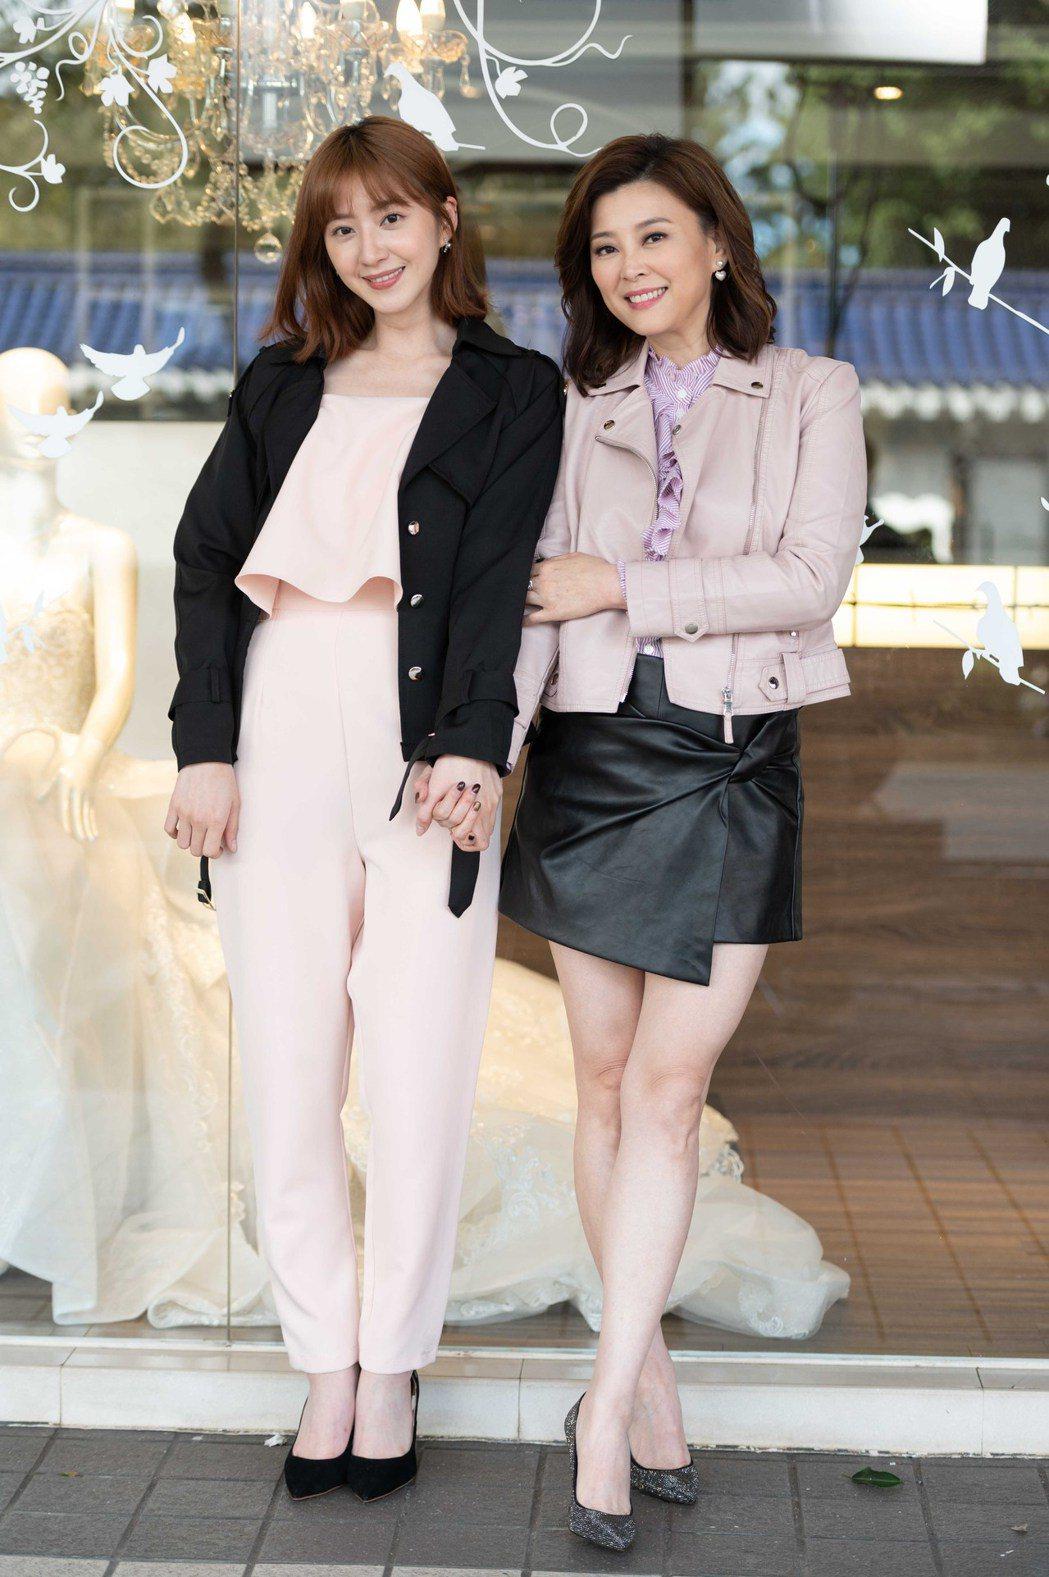 方馨(右)、謝翔雅戲中針鋒相對,戲外相處融洽。圖/TVBS提供